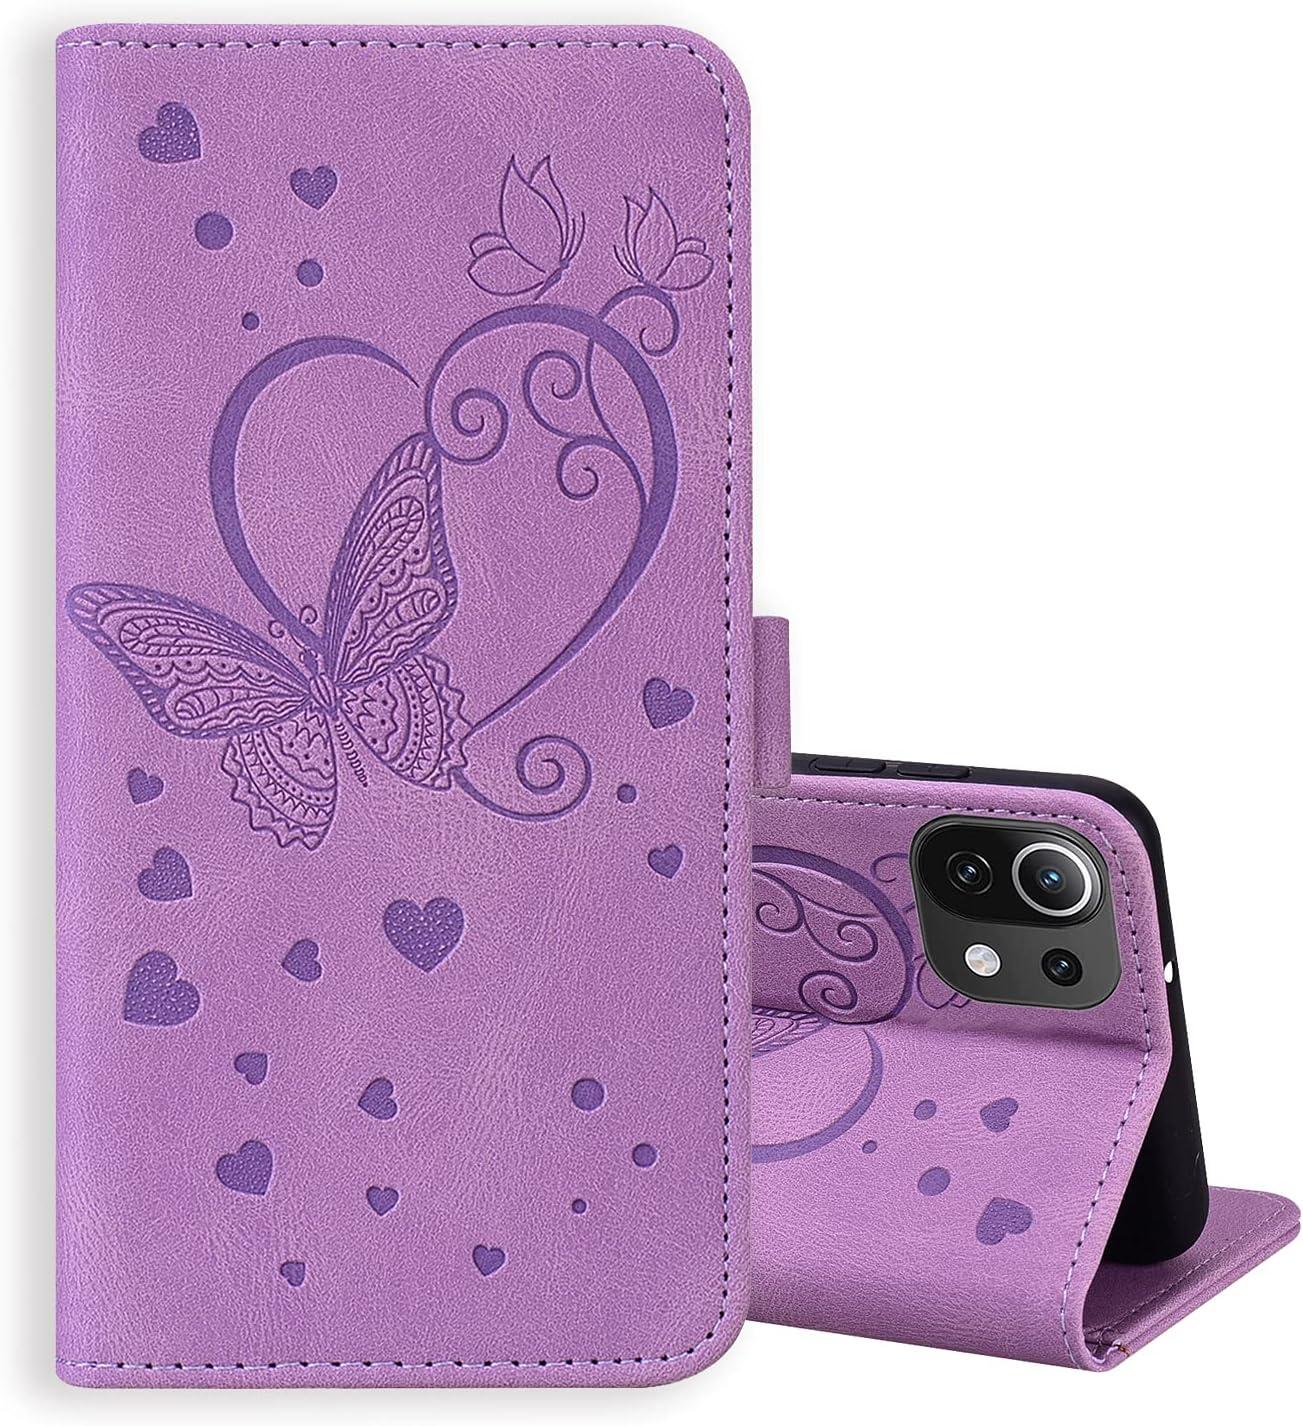 ONETHEFUL Xiaomi Mi 11 Lite 4G/5G Funda Cartera Carcasa Accesorios Flip Cover Libro Case Fundas Mariposas en Relieve Protectoras de Piel Sintética para el Teléfono Púrpura